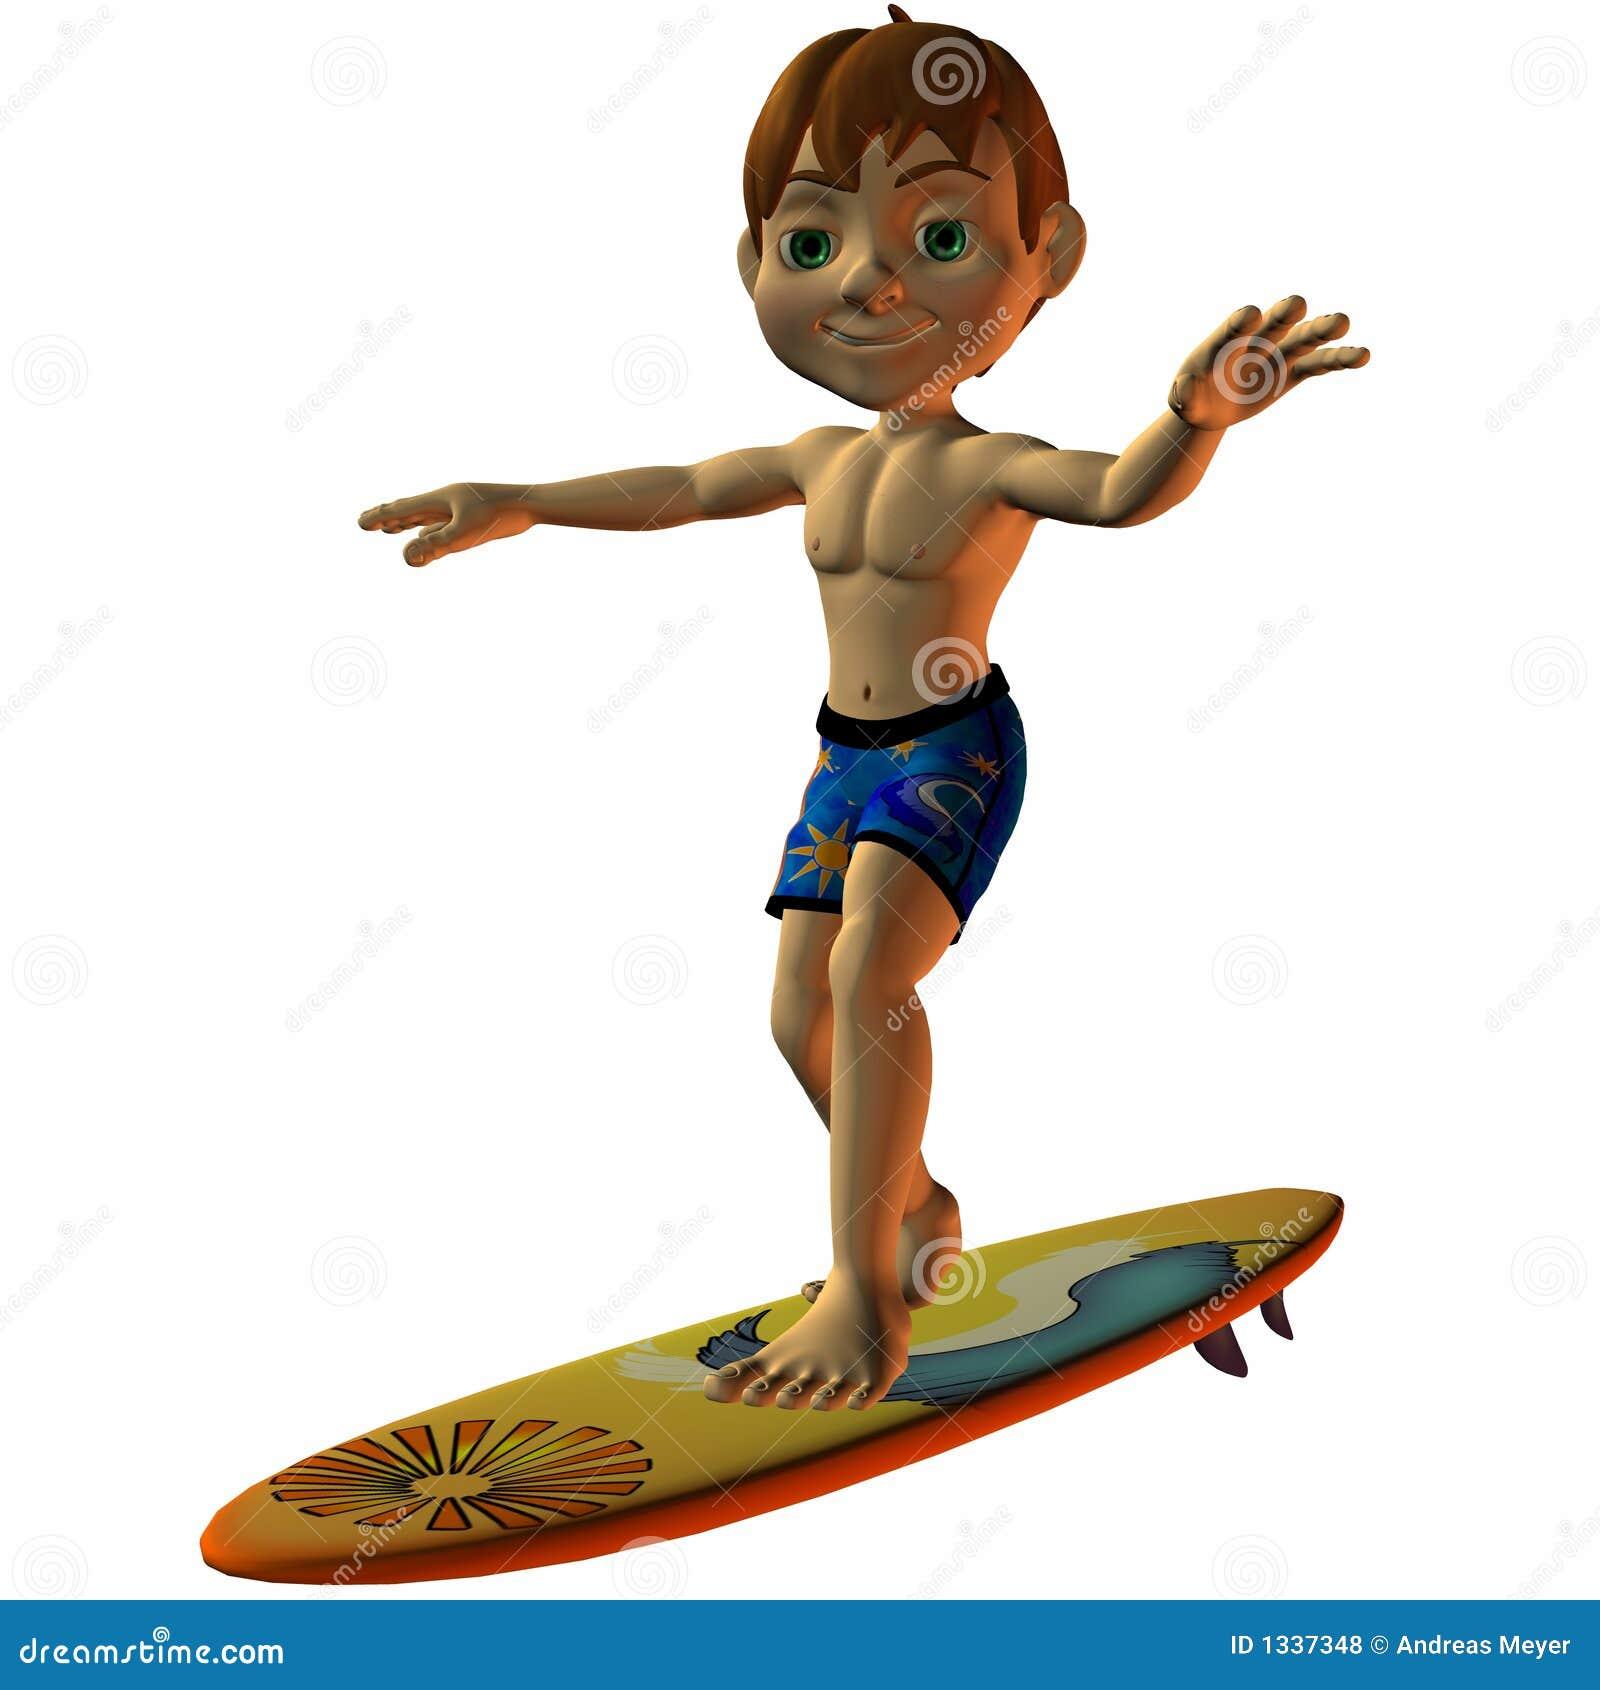 Dennis Surfer